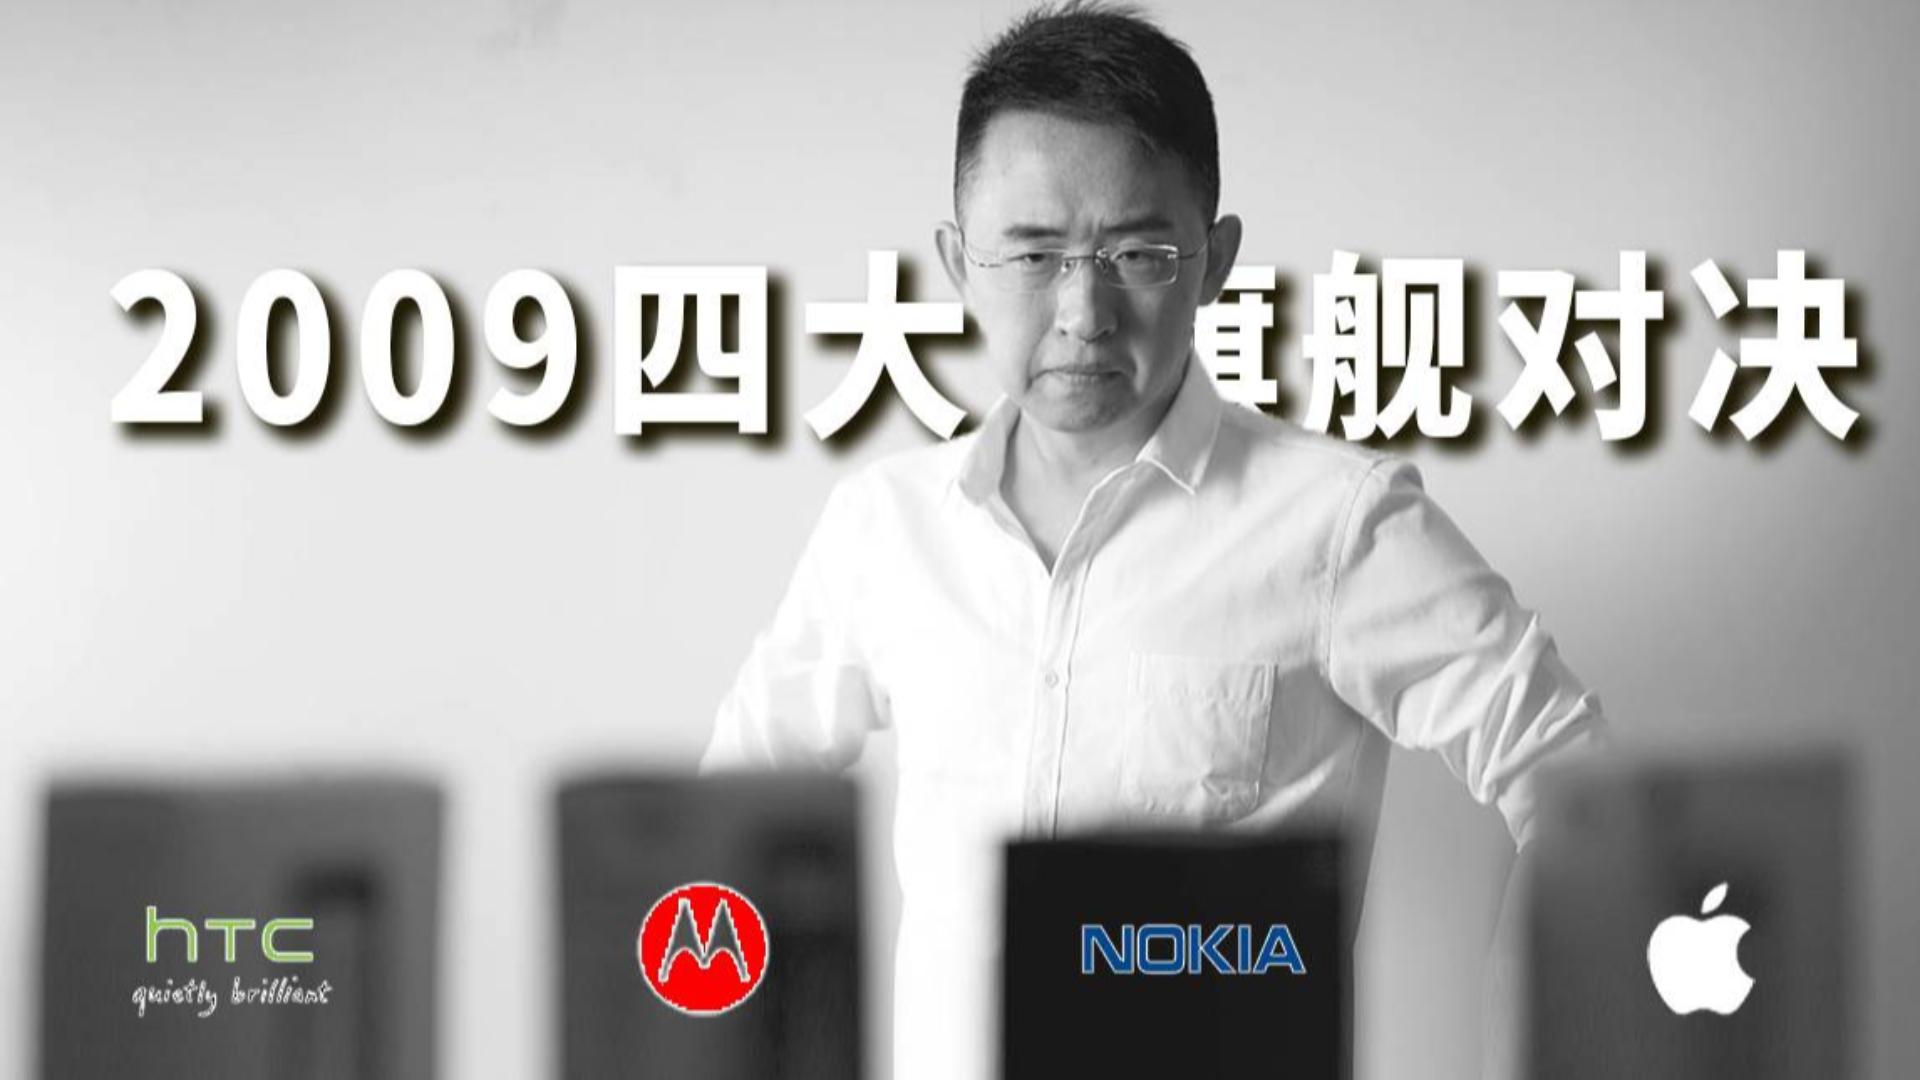 """「数码编年史」""""2009年度四大旗舰巅峰对决""""(第6集)"""